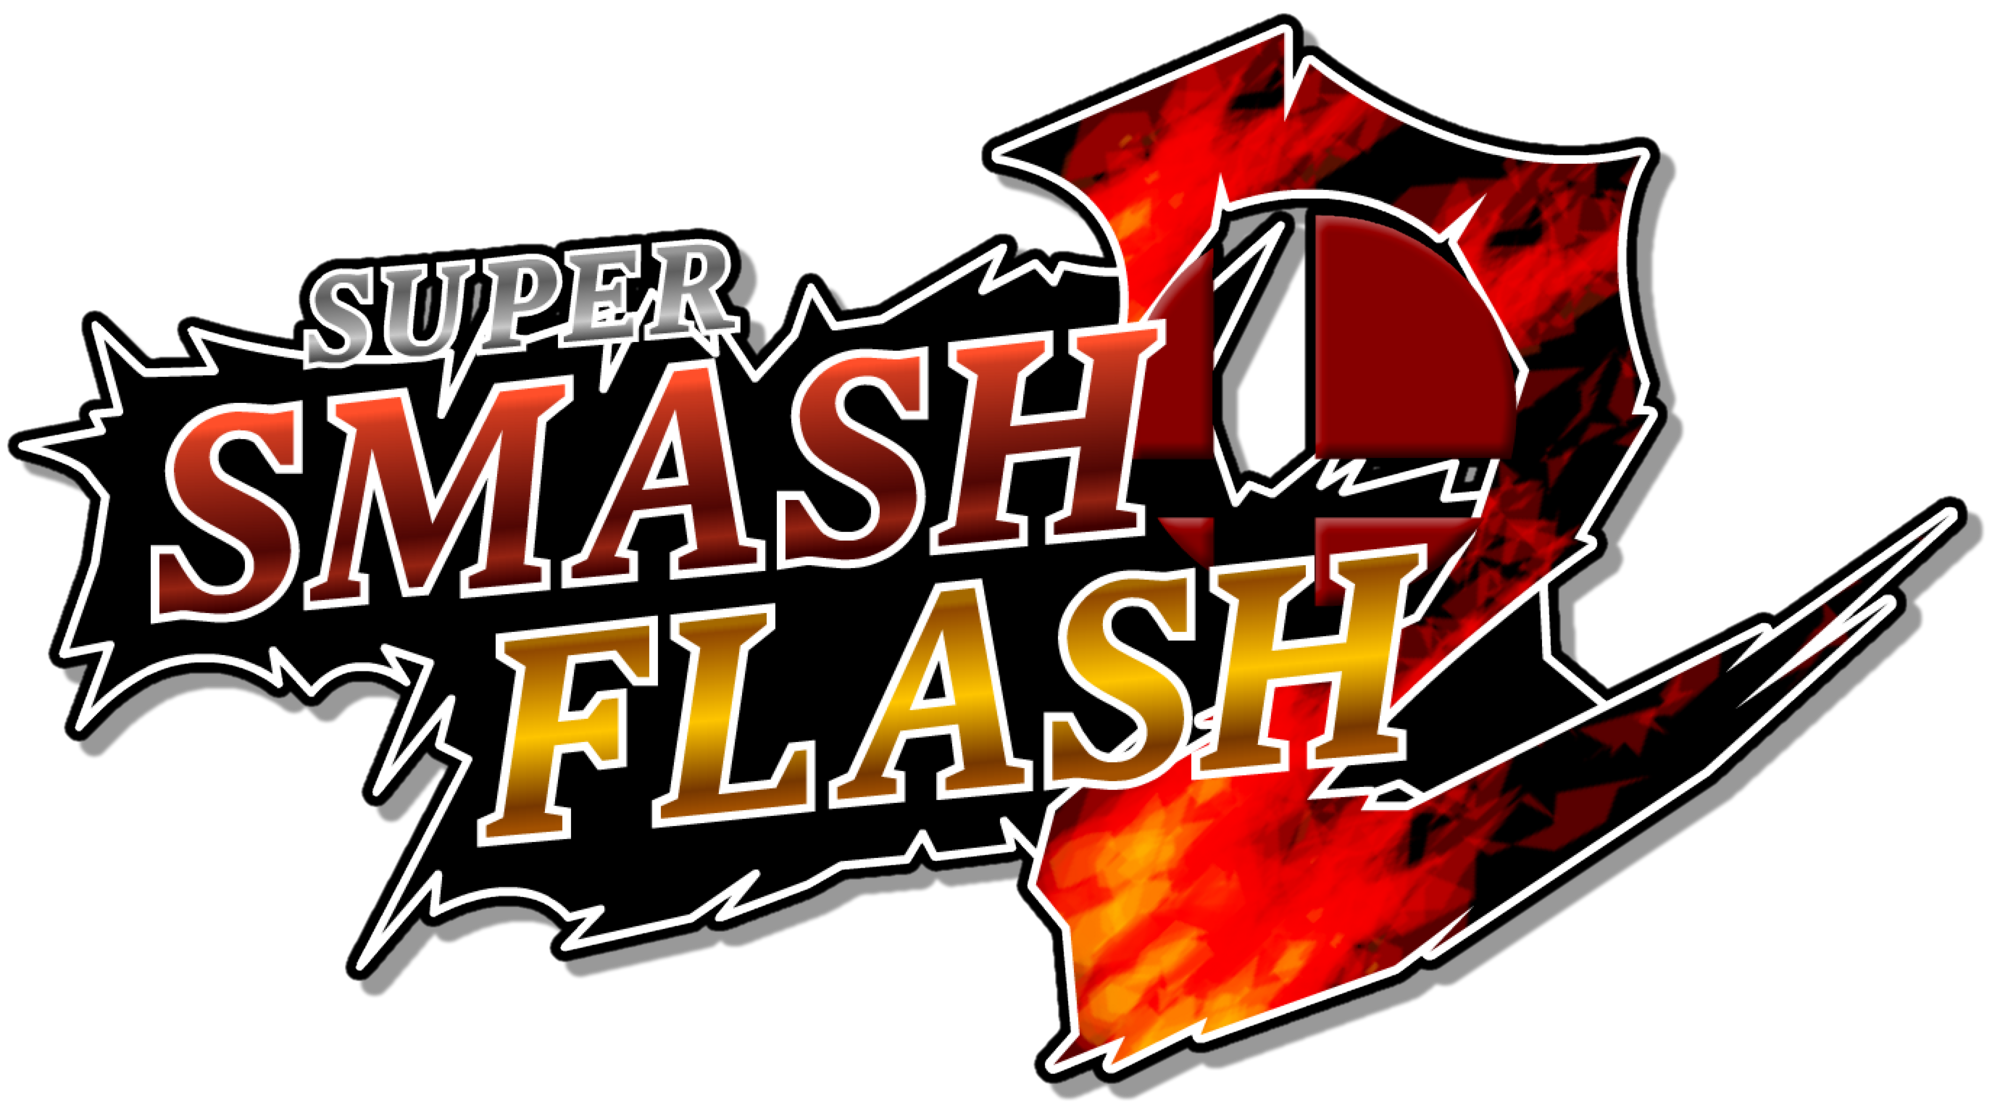 Super smash flash 2 v0.9b online dating